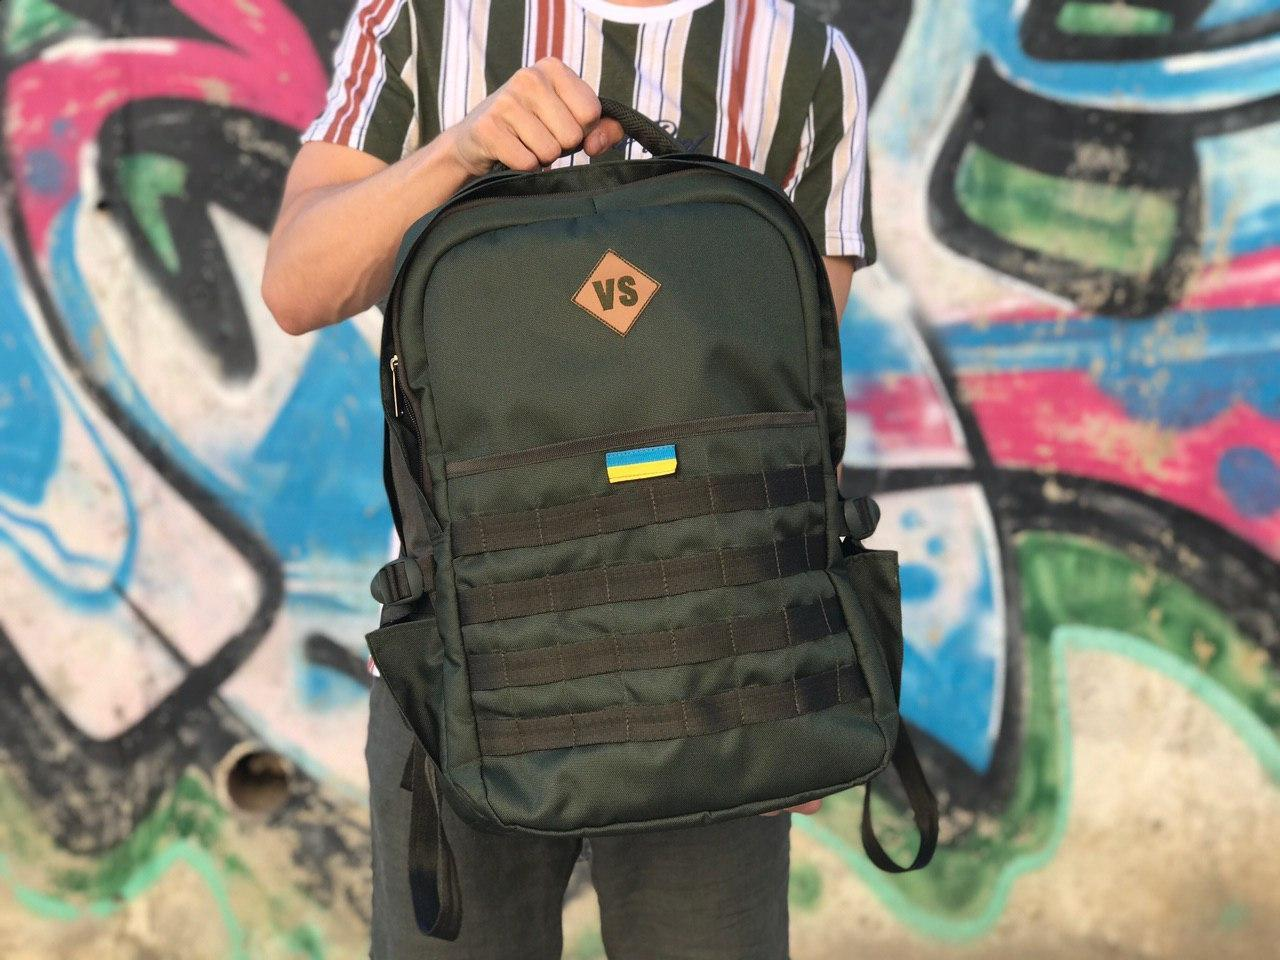 Мужской надежный рюкзак от производителя военной амуниции